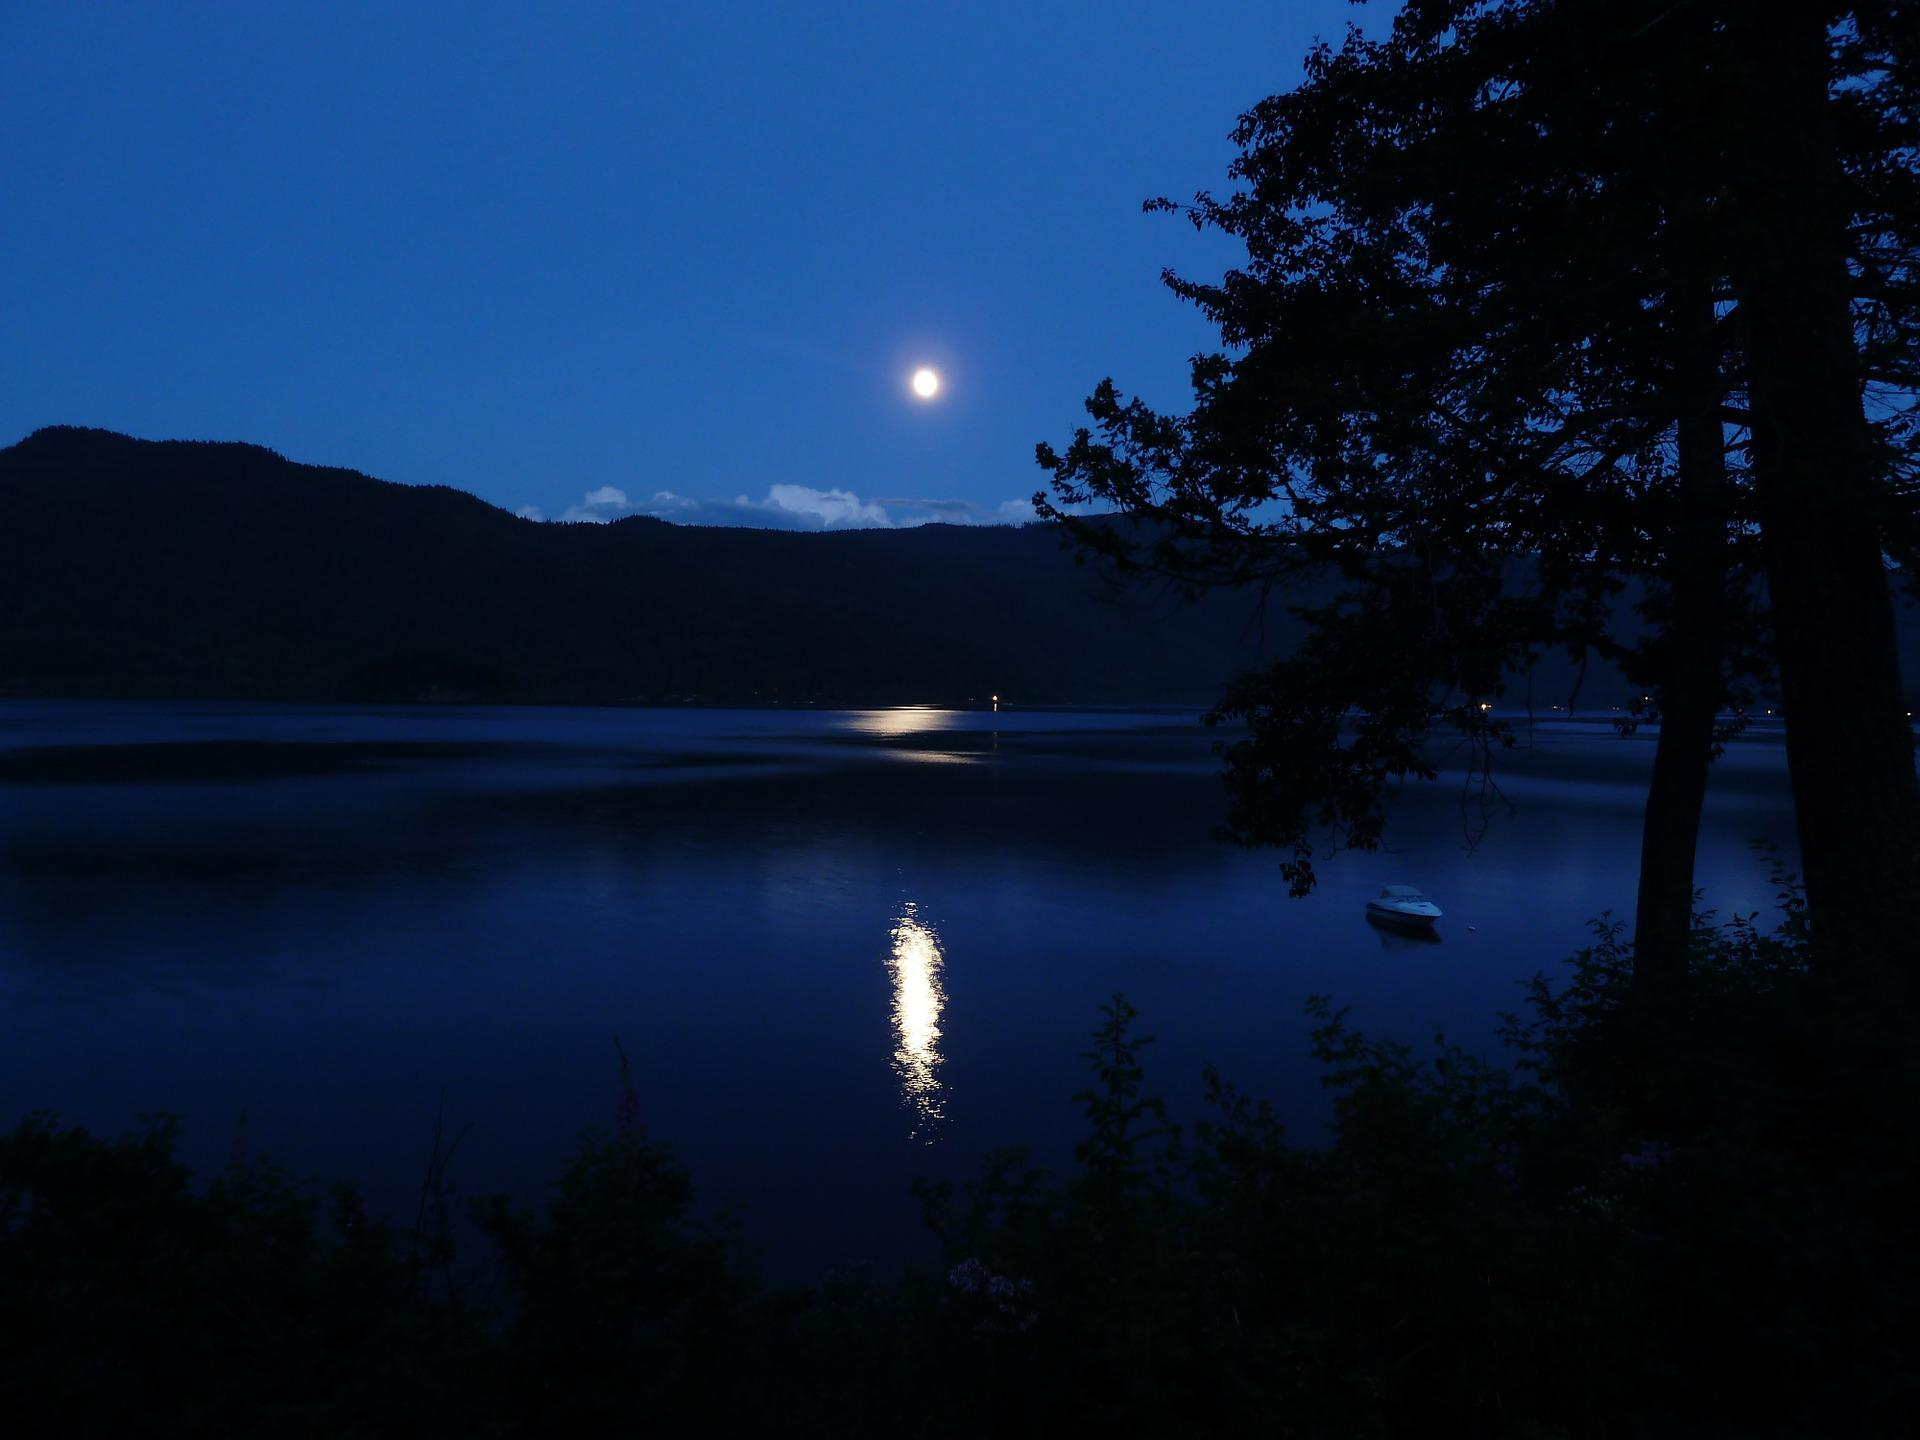 moon-65957_1920.jpg